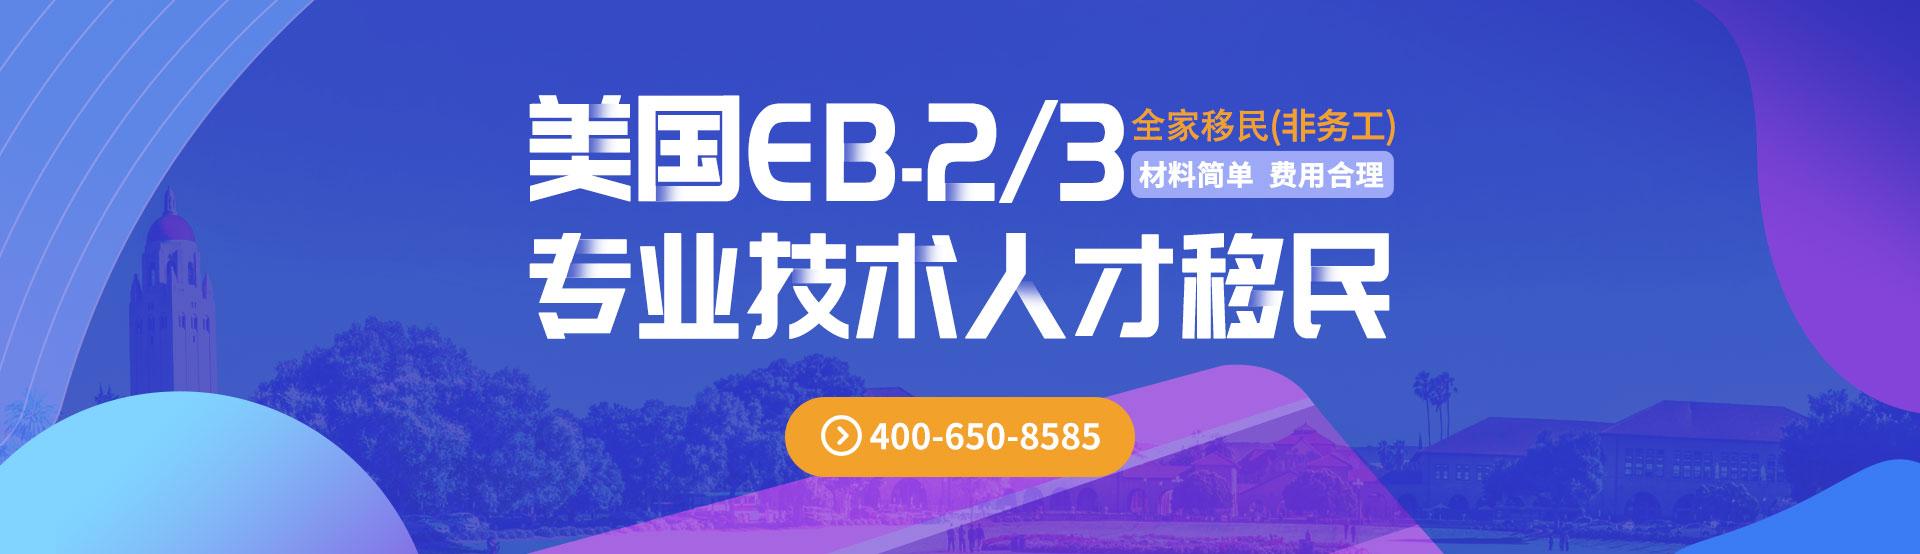 美国EB-23项目